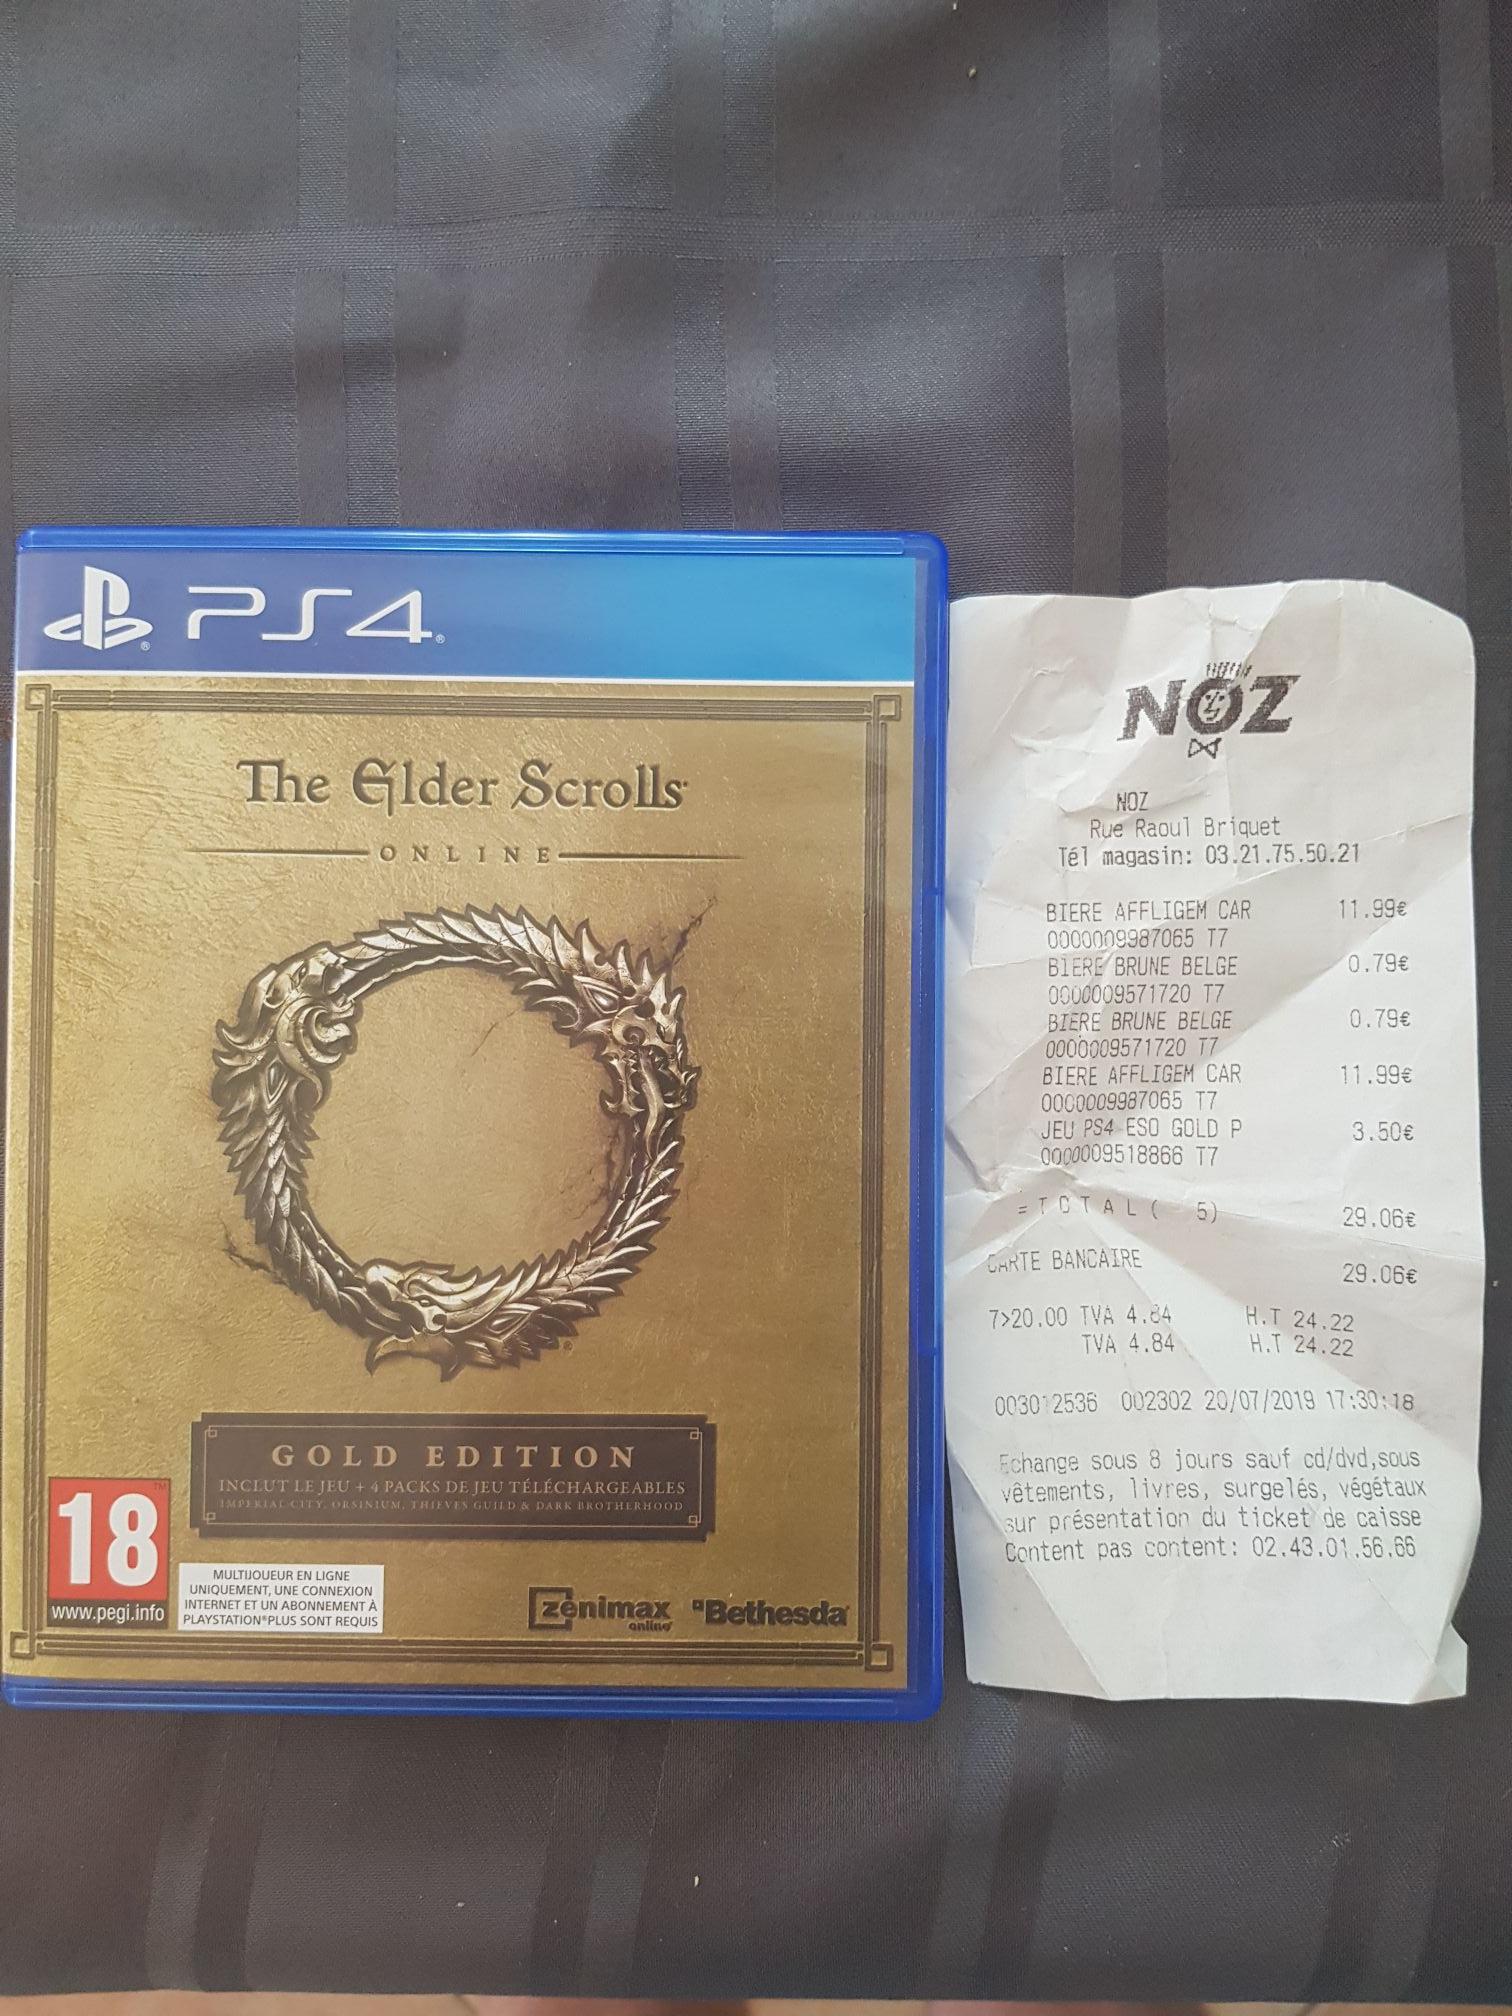 The Elder Scrolls Online - Édition Gold sur PS4